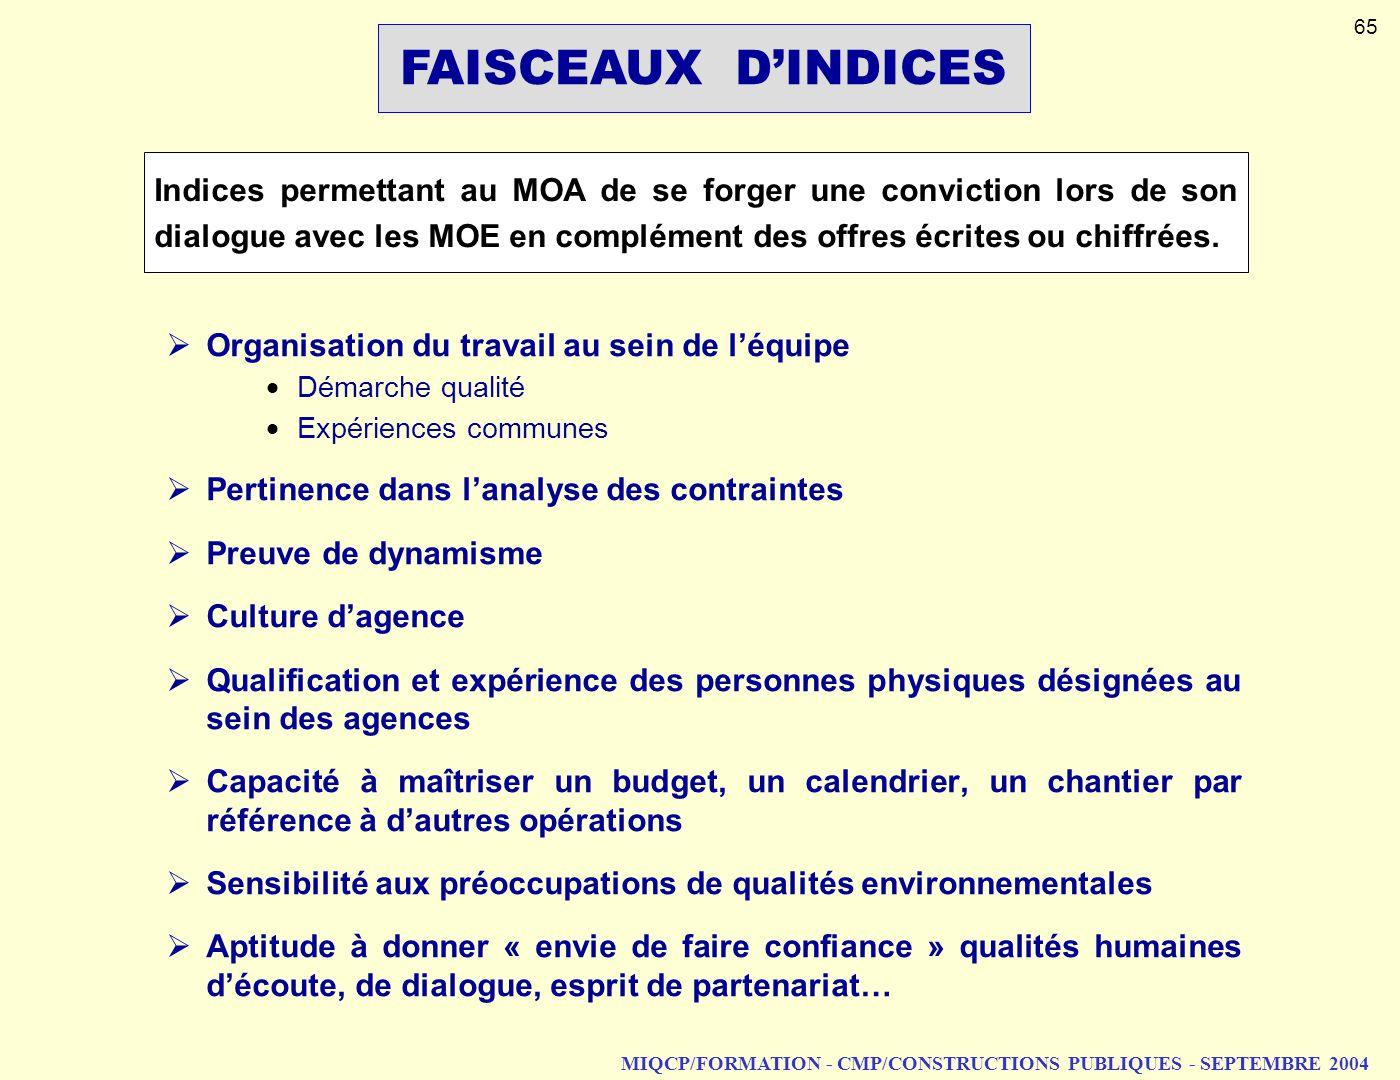 MIQCP/FORMATION - CMP/CONSTRUCTIONS PUBLIQUES - SEPTEMBRE 2004 FAISCEAUX DINDICES Indices permettant au MOA de se forger une conviction lors de son di